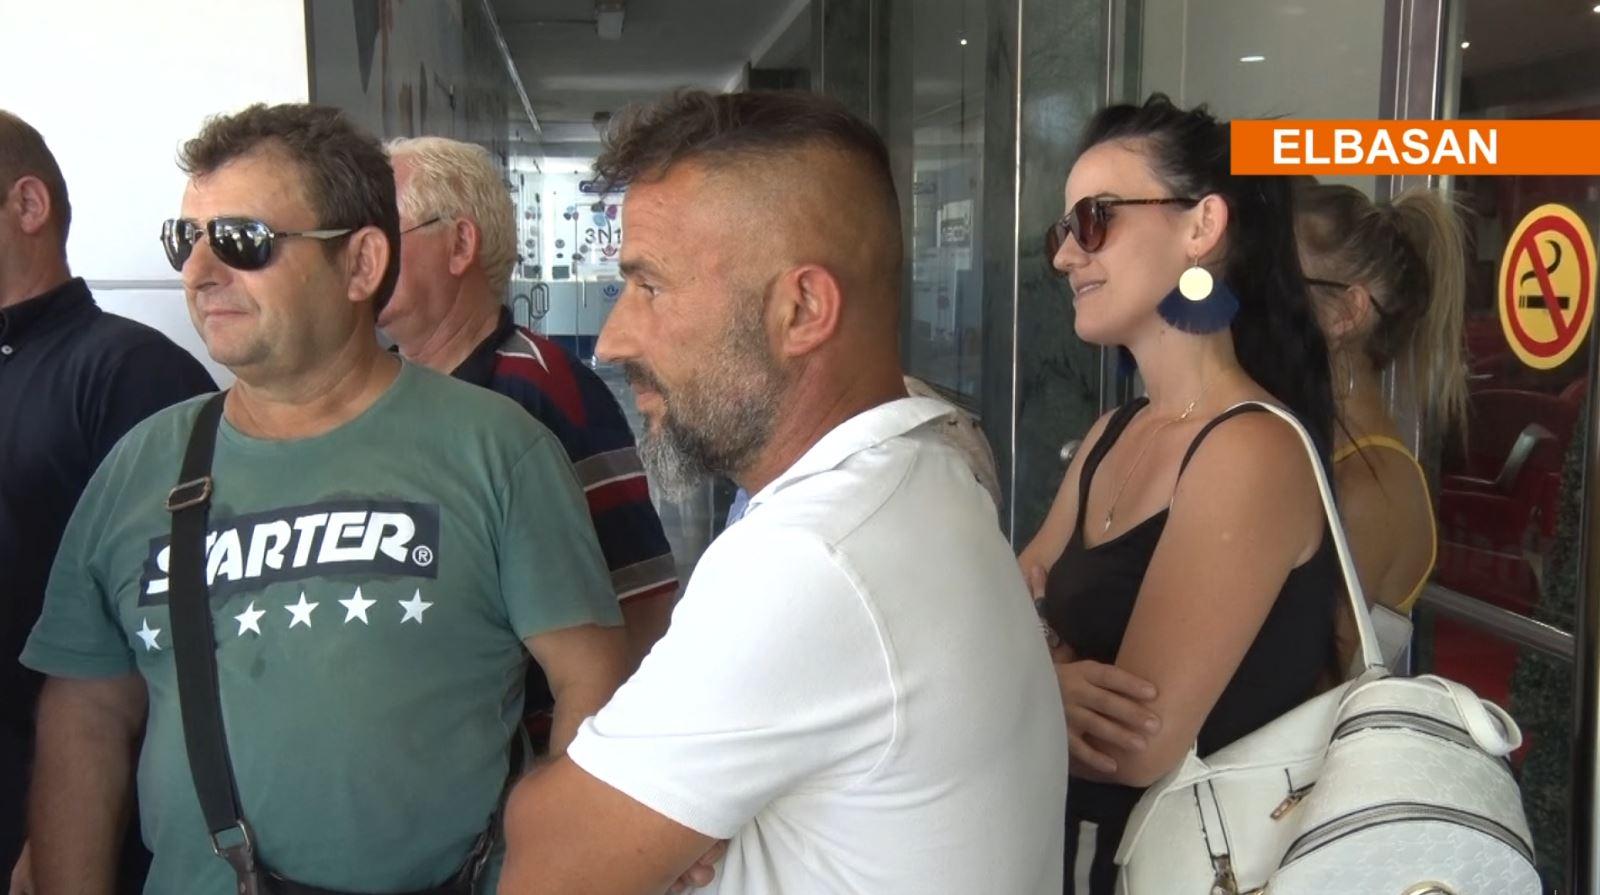 Emigrantët votojnë: Duam që Shqipëria të bëhet shtet